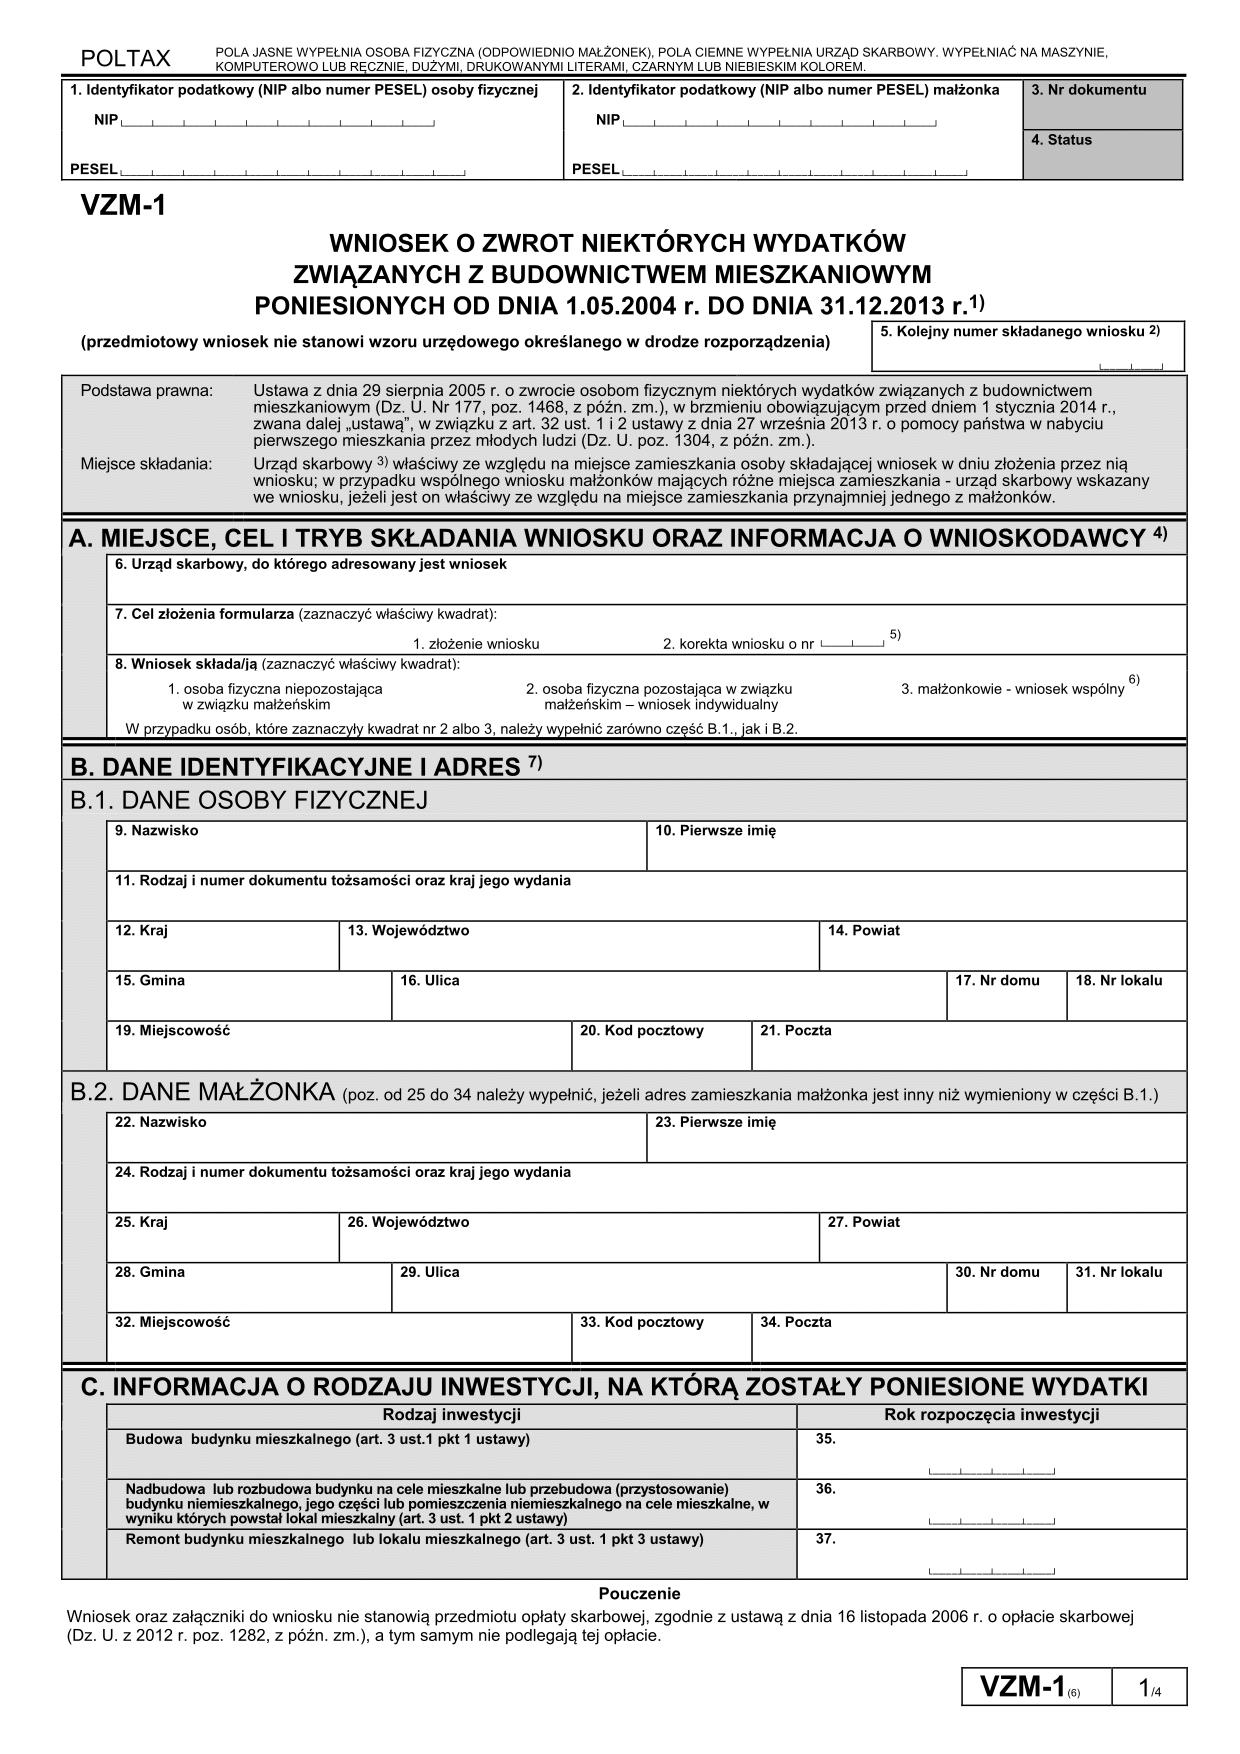 VZM-1 (6) (od 2015) Wniosek o zwrot niektórych wydatków związanych z budownictwem mieszkaniowym poniesionych od dnia 1.05.2004 r. do dnia 31.12.2013 r.